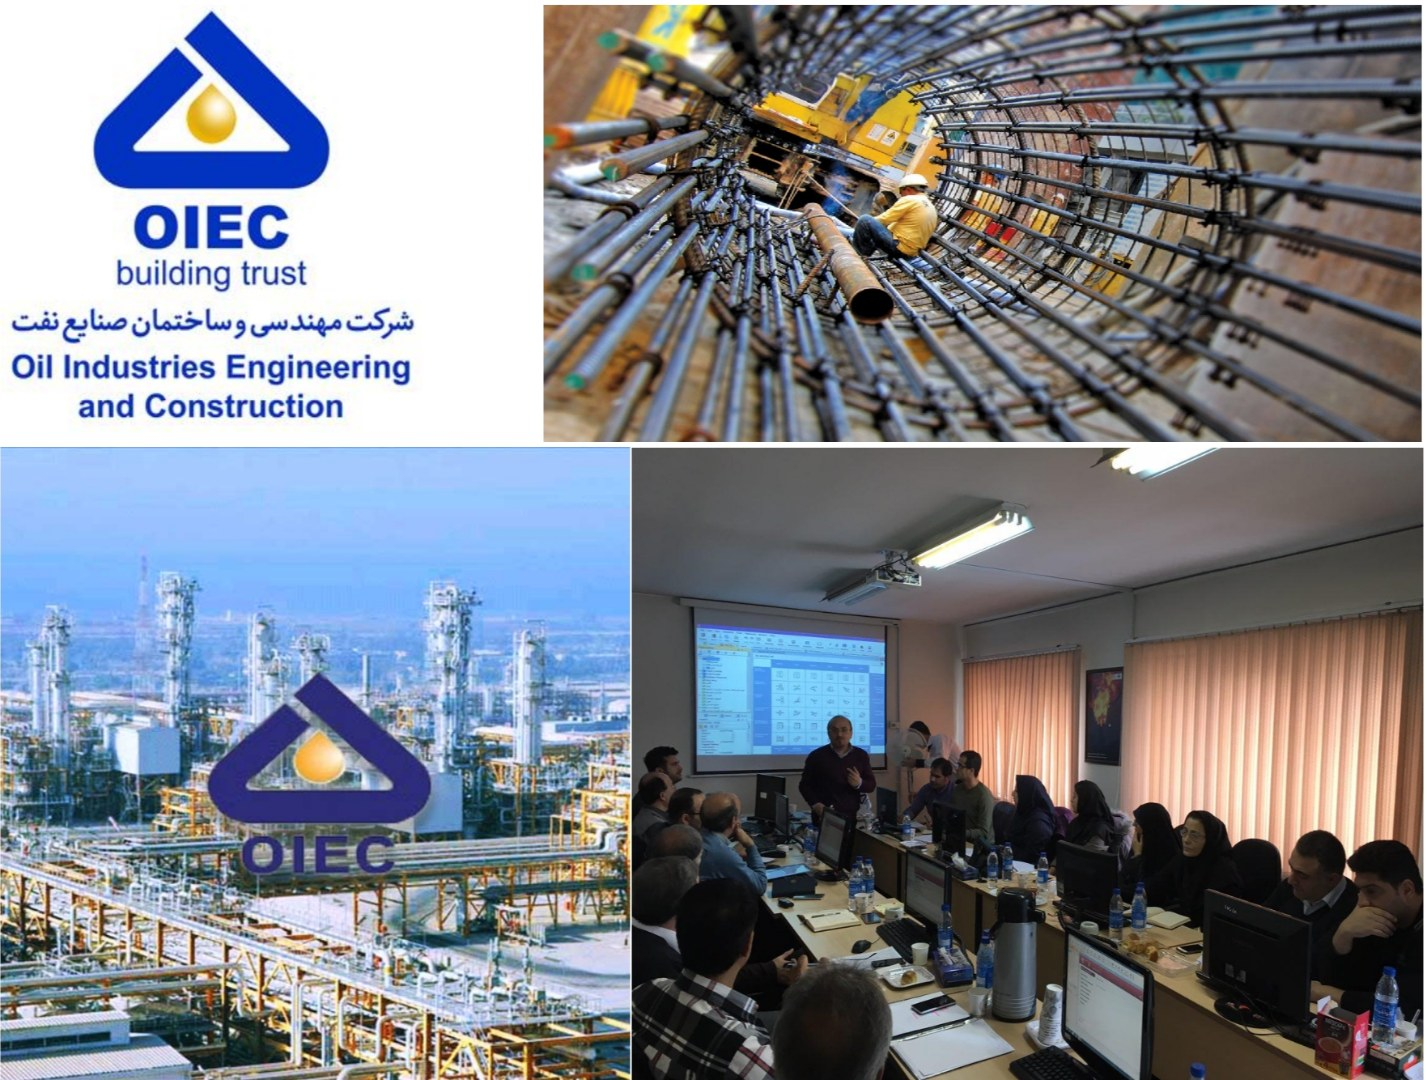 شرکت مهندسی و ساختمان صنایع نفت